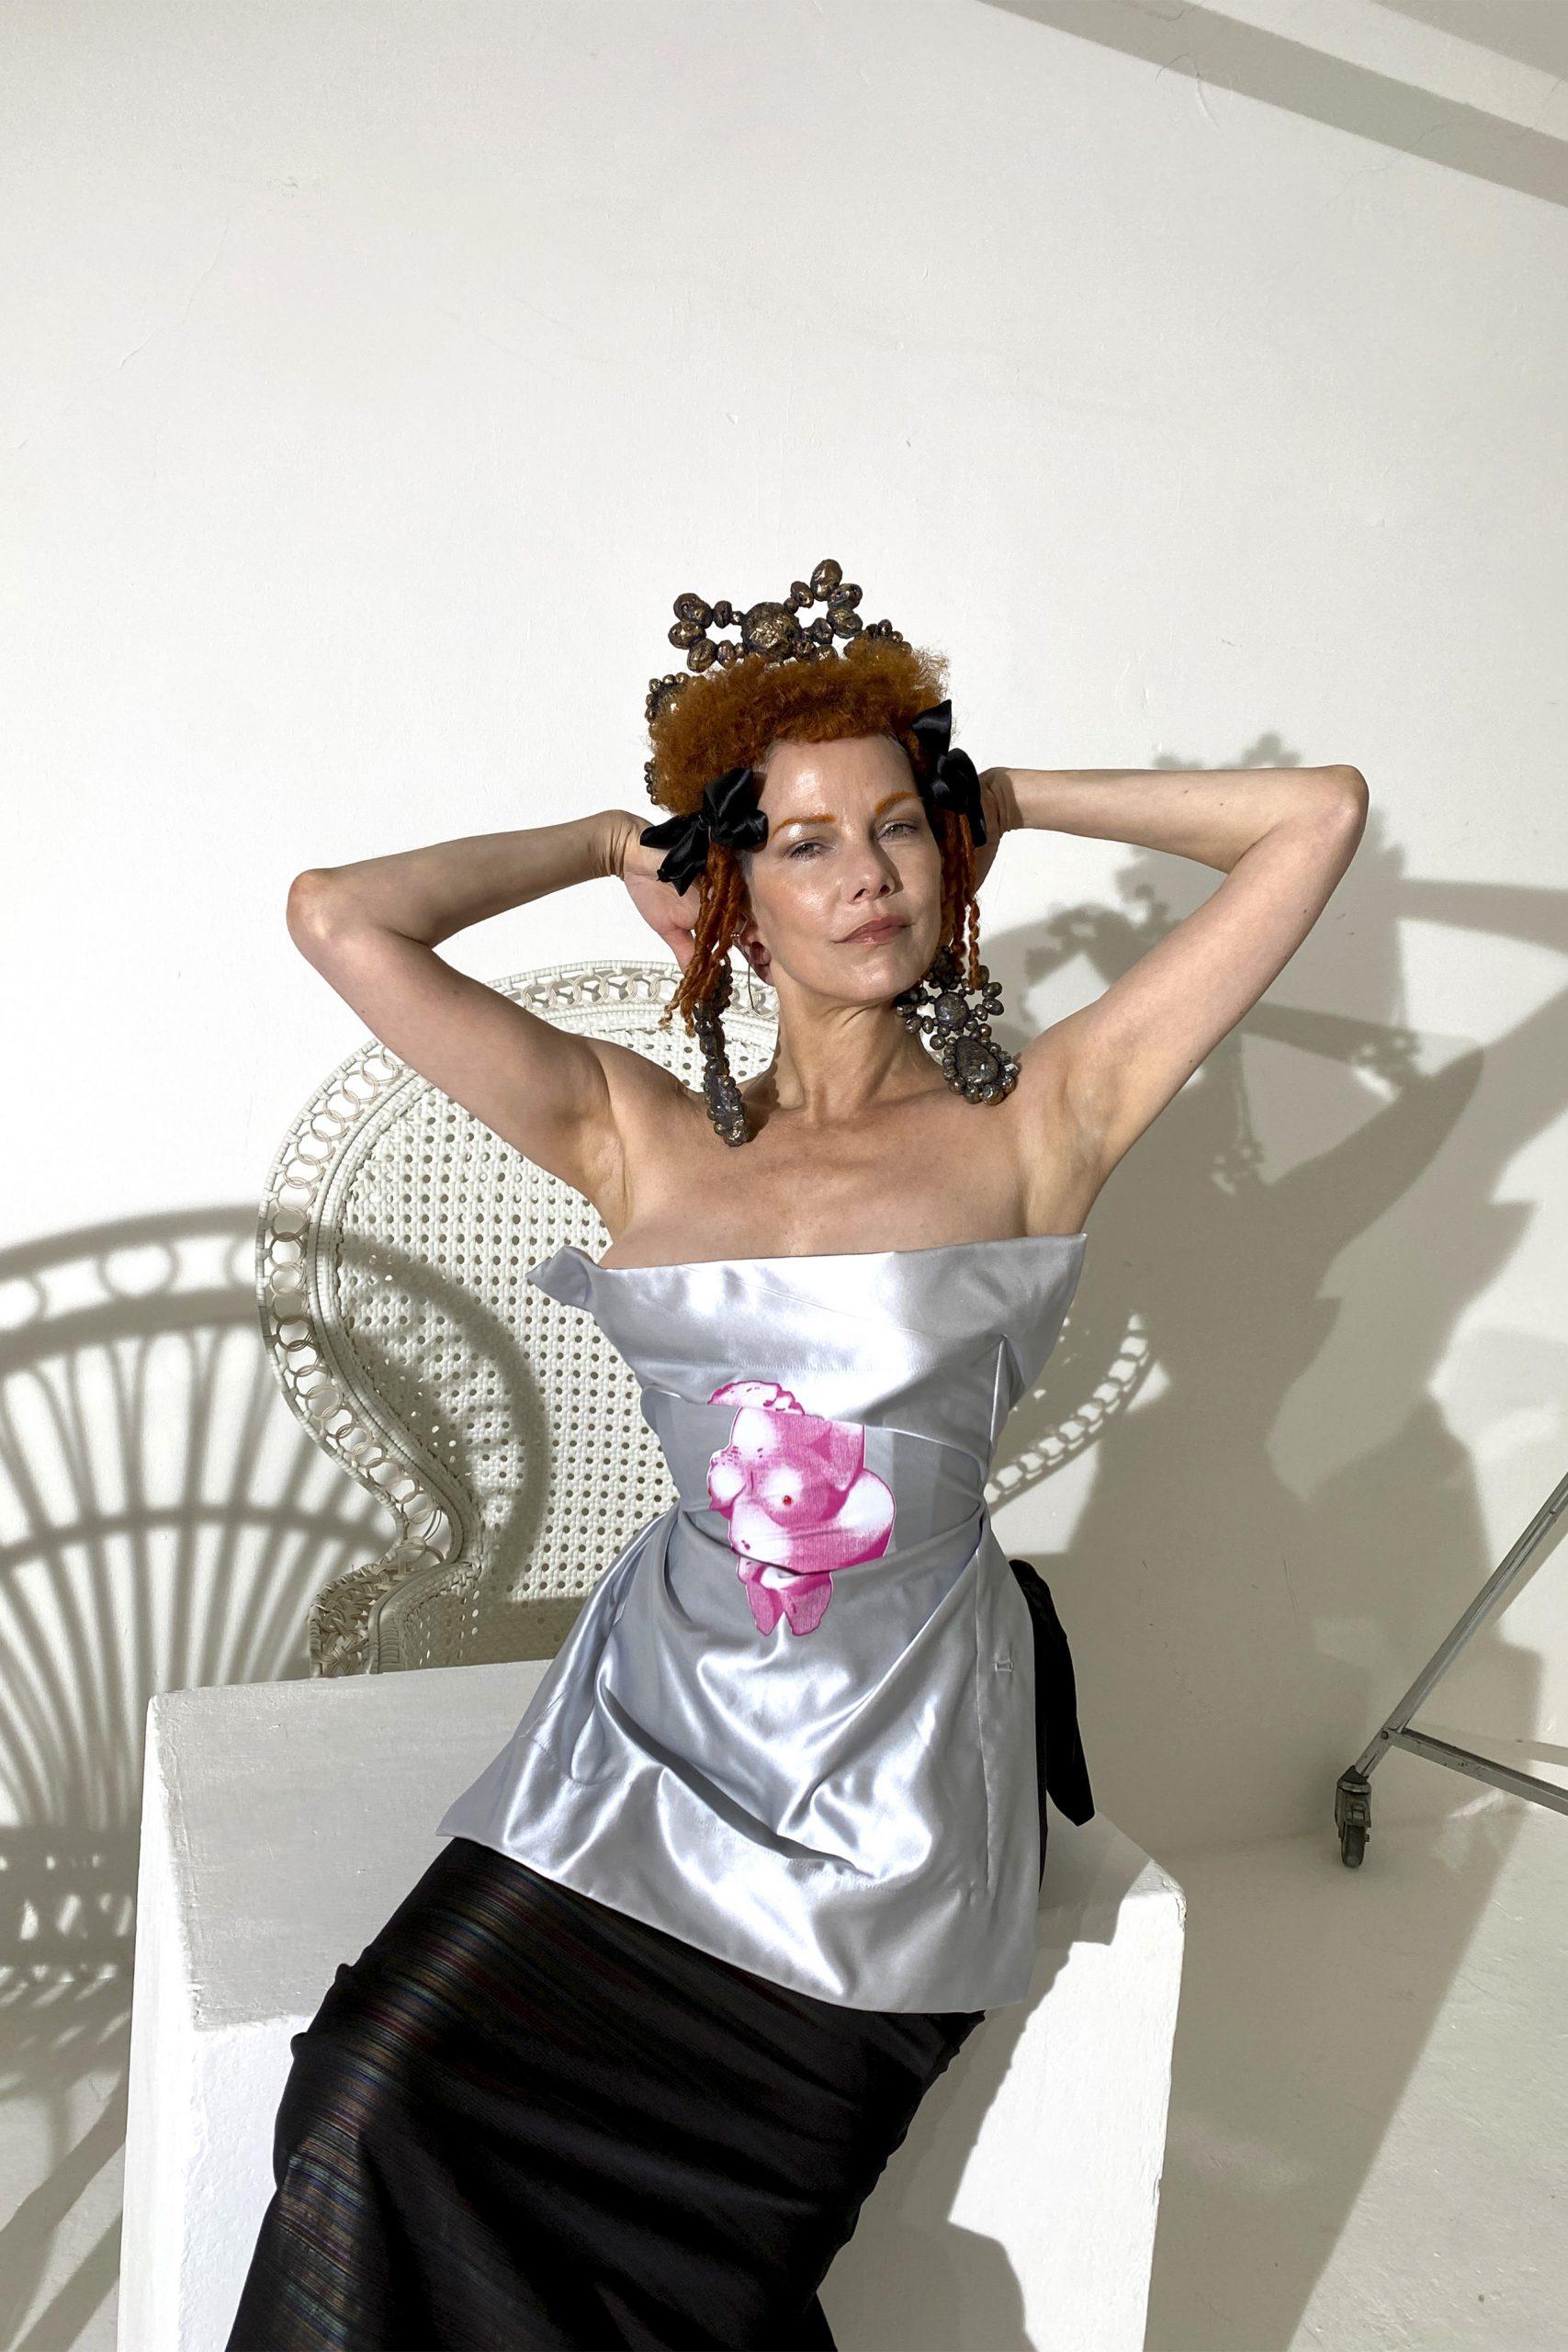 20. kép: Párizsi divathét - Andreas Kronthaler for Vivienne Westwood - 2021 tavasz-nyár - ready to wear